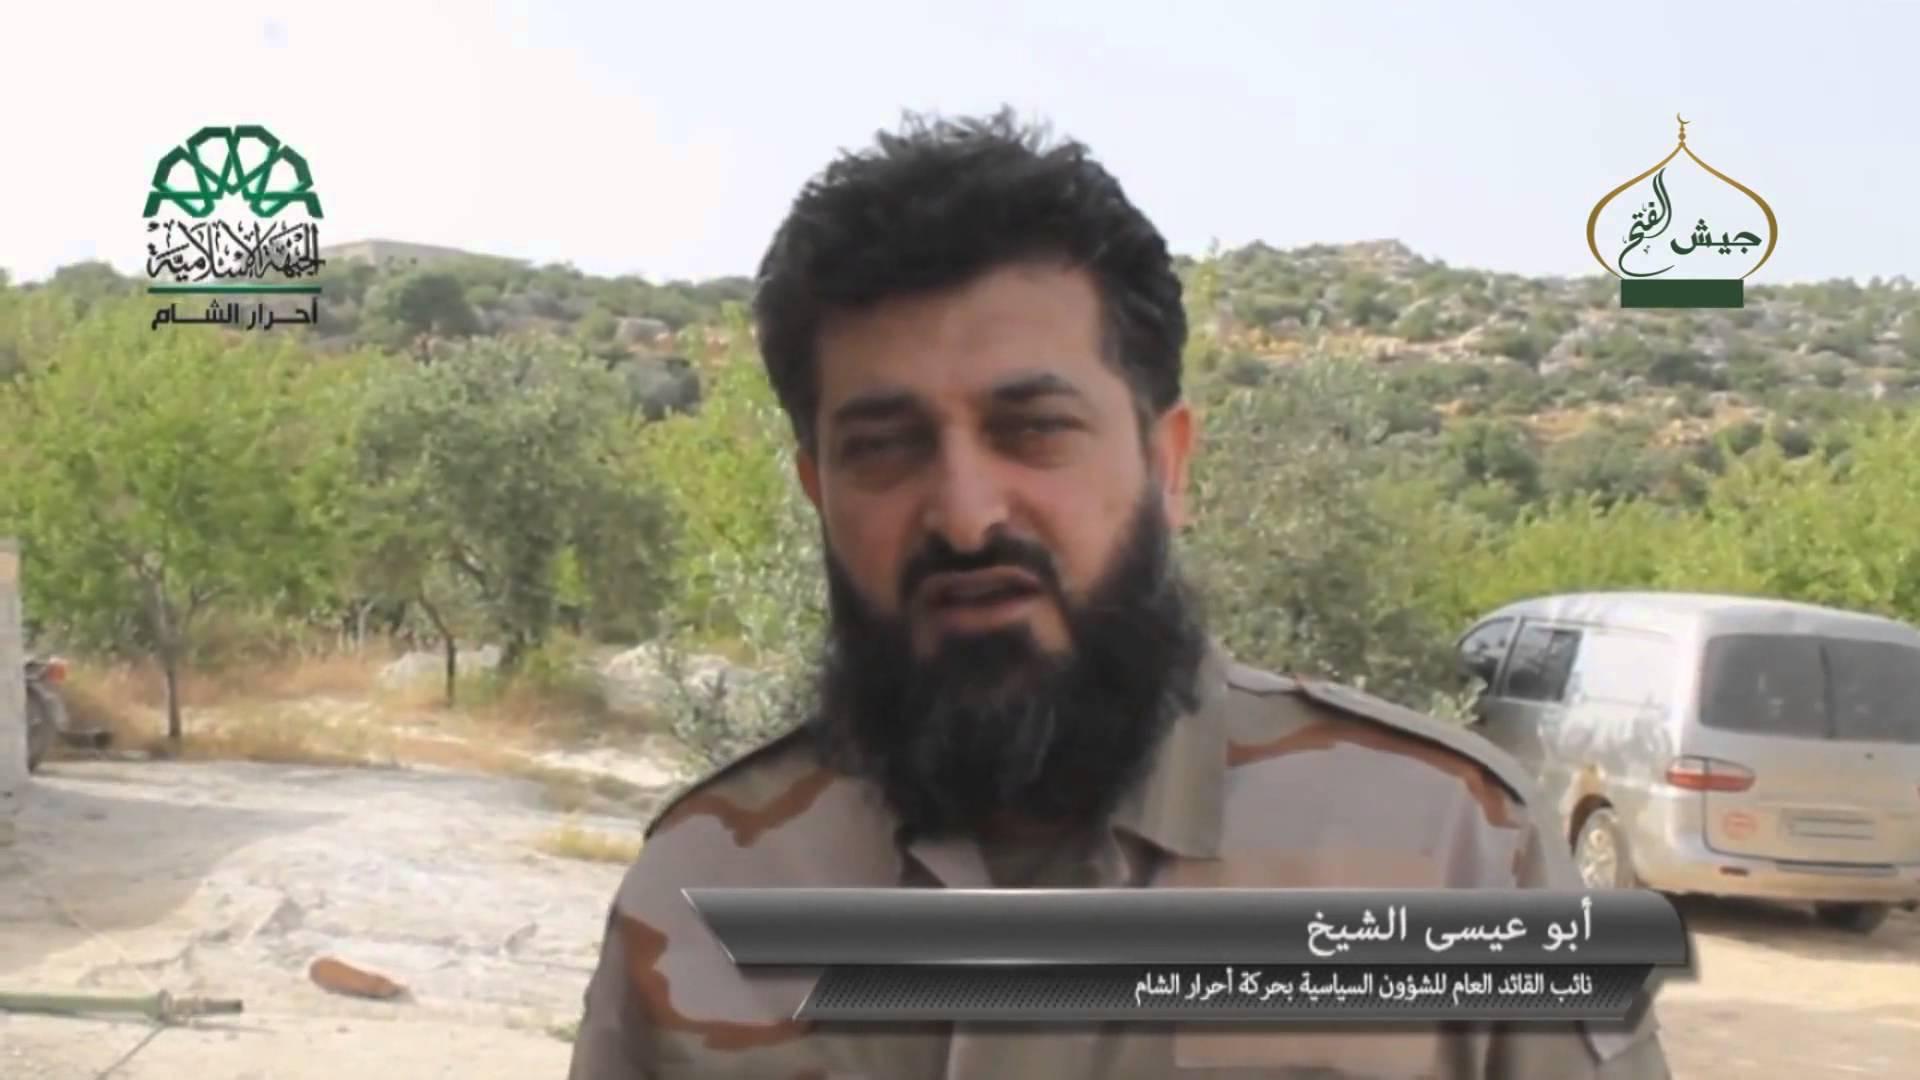 أبو عيسى الشيخ - قائد ألوية صقور الشام - يعلن النفير ضد فتح الشام رداً على بغيها